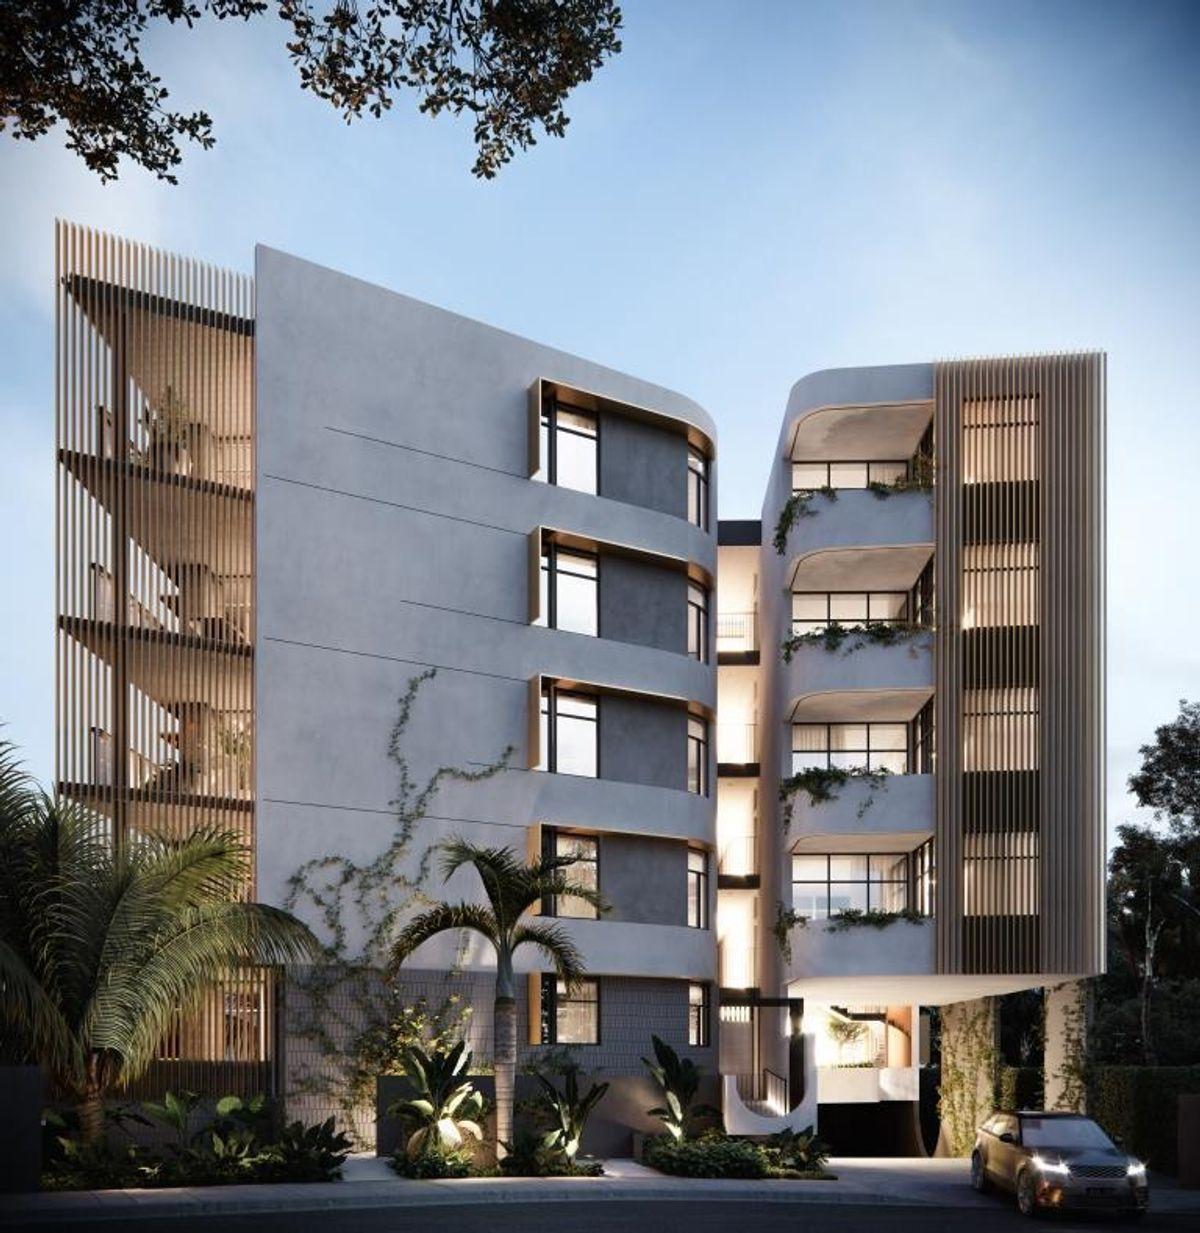 3C/8 Amersham Street, West End, QLD 4101